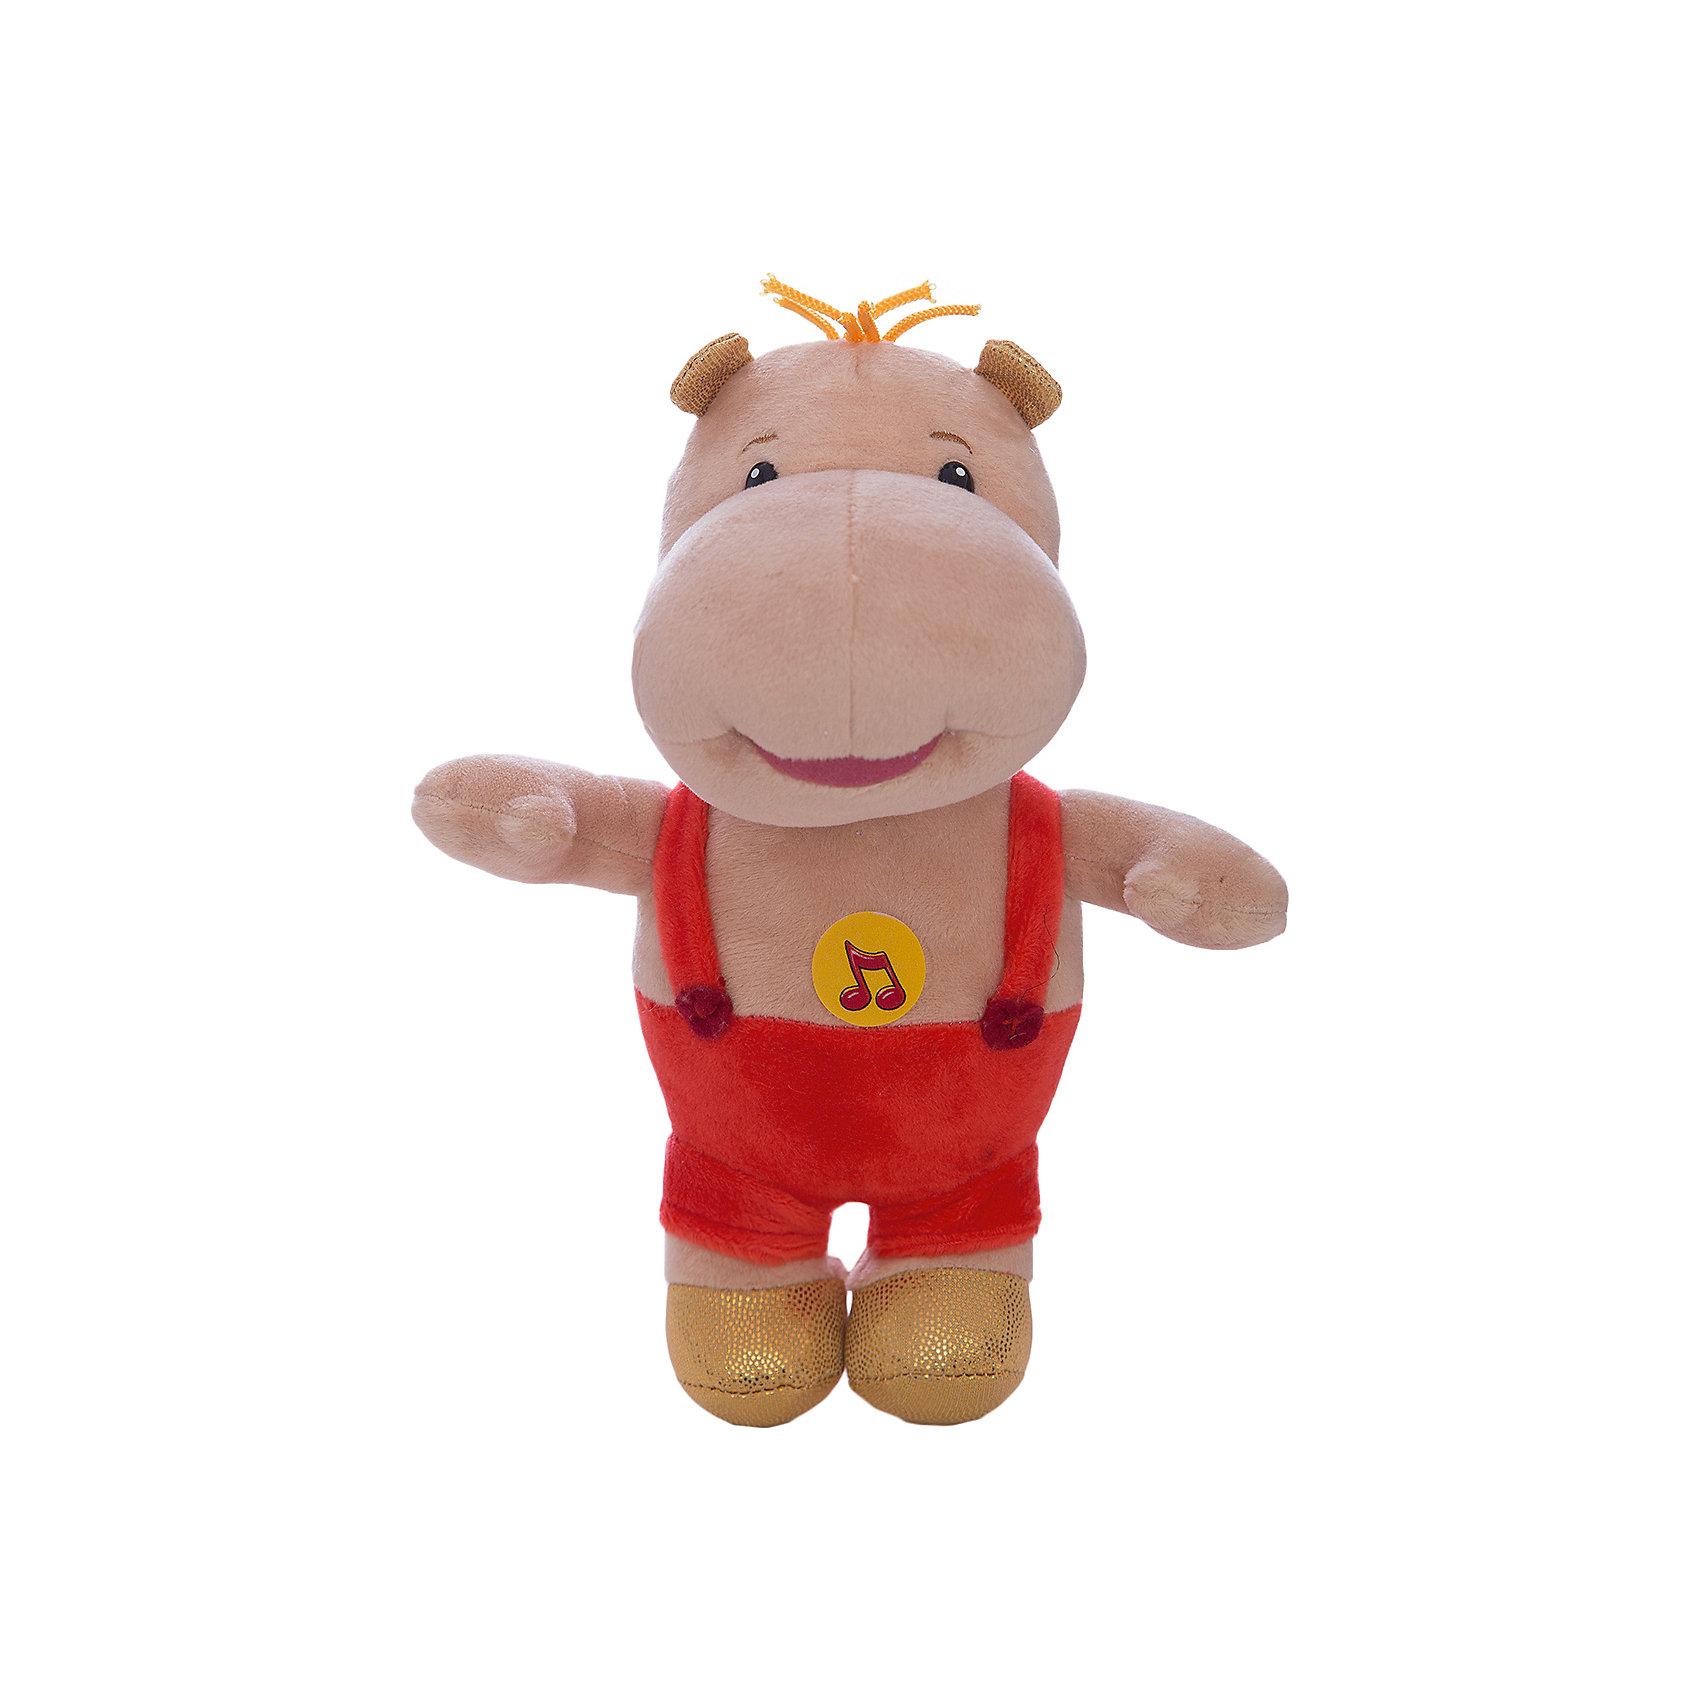 Мягкая игрушка Тима, 20 см, Мульти-ПультиИгрушки могут не только развлекать малыша, но и помогать его всестороннему развитию. Эта игрушка поможет формированию разных навыков, он помогает развить тактильное восприятие, цветовосприятие, звуковосприятие и мелкую моторику.<br>Изделие представляет собой игрушку из приятного на ощупь материала со звуковым модулем - ребенок может прослушать несколько фраз. Сделана игрушка из качественных материалов, безопасных для ребенка.<br><br>Дополнительная информация:<br><br>цвет: разноцветный;<br>материал: текстиль;<br>звуковой модуль;<br>высота: 20 см.<br><br>Мягкую игрушку Тима, 20 см, от бренда Мульти-Пульти можно купить в нашем магазине.<br><br>Ширина мм: 110<br>Глубина мм: 320<br>Высота мм: 240<br>Вес г: 150<br>Возраст от месяцев: 36<br>Возраст до месяцев: 2147483647<br>Пол: Унисекс<br>Возраст: Детский<br>SKU: 5002242